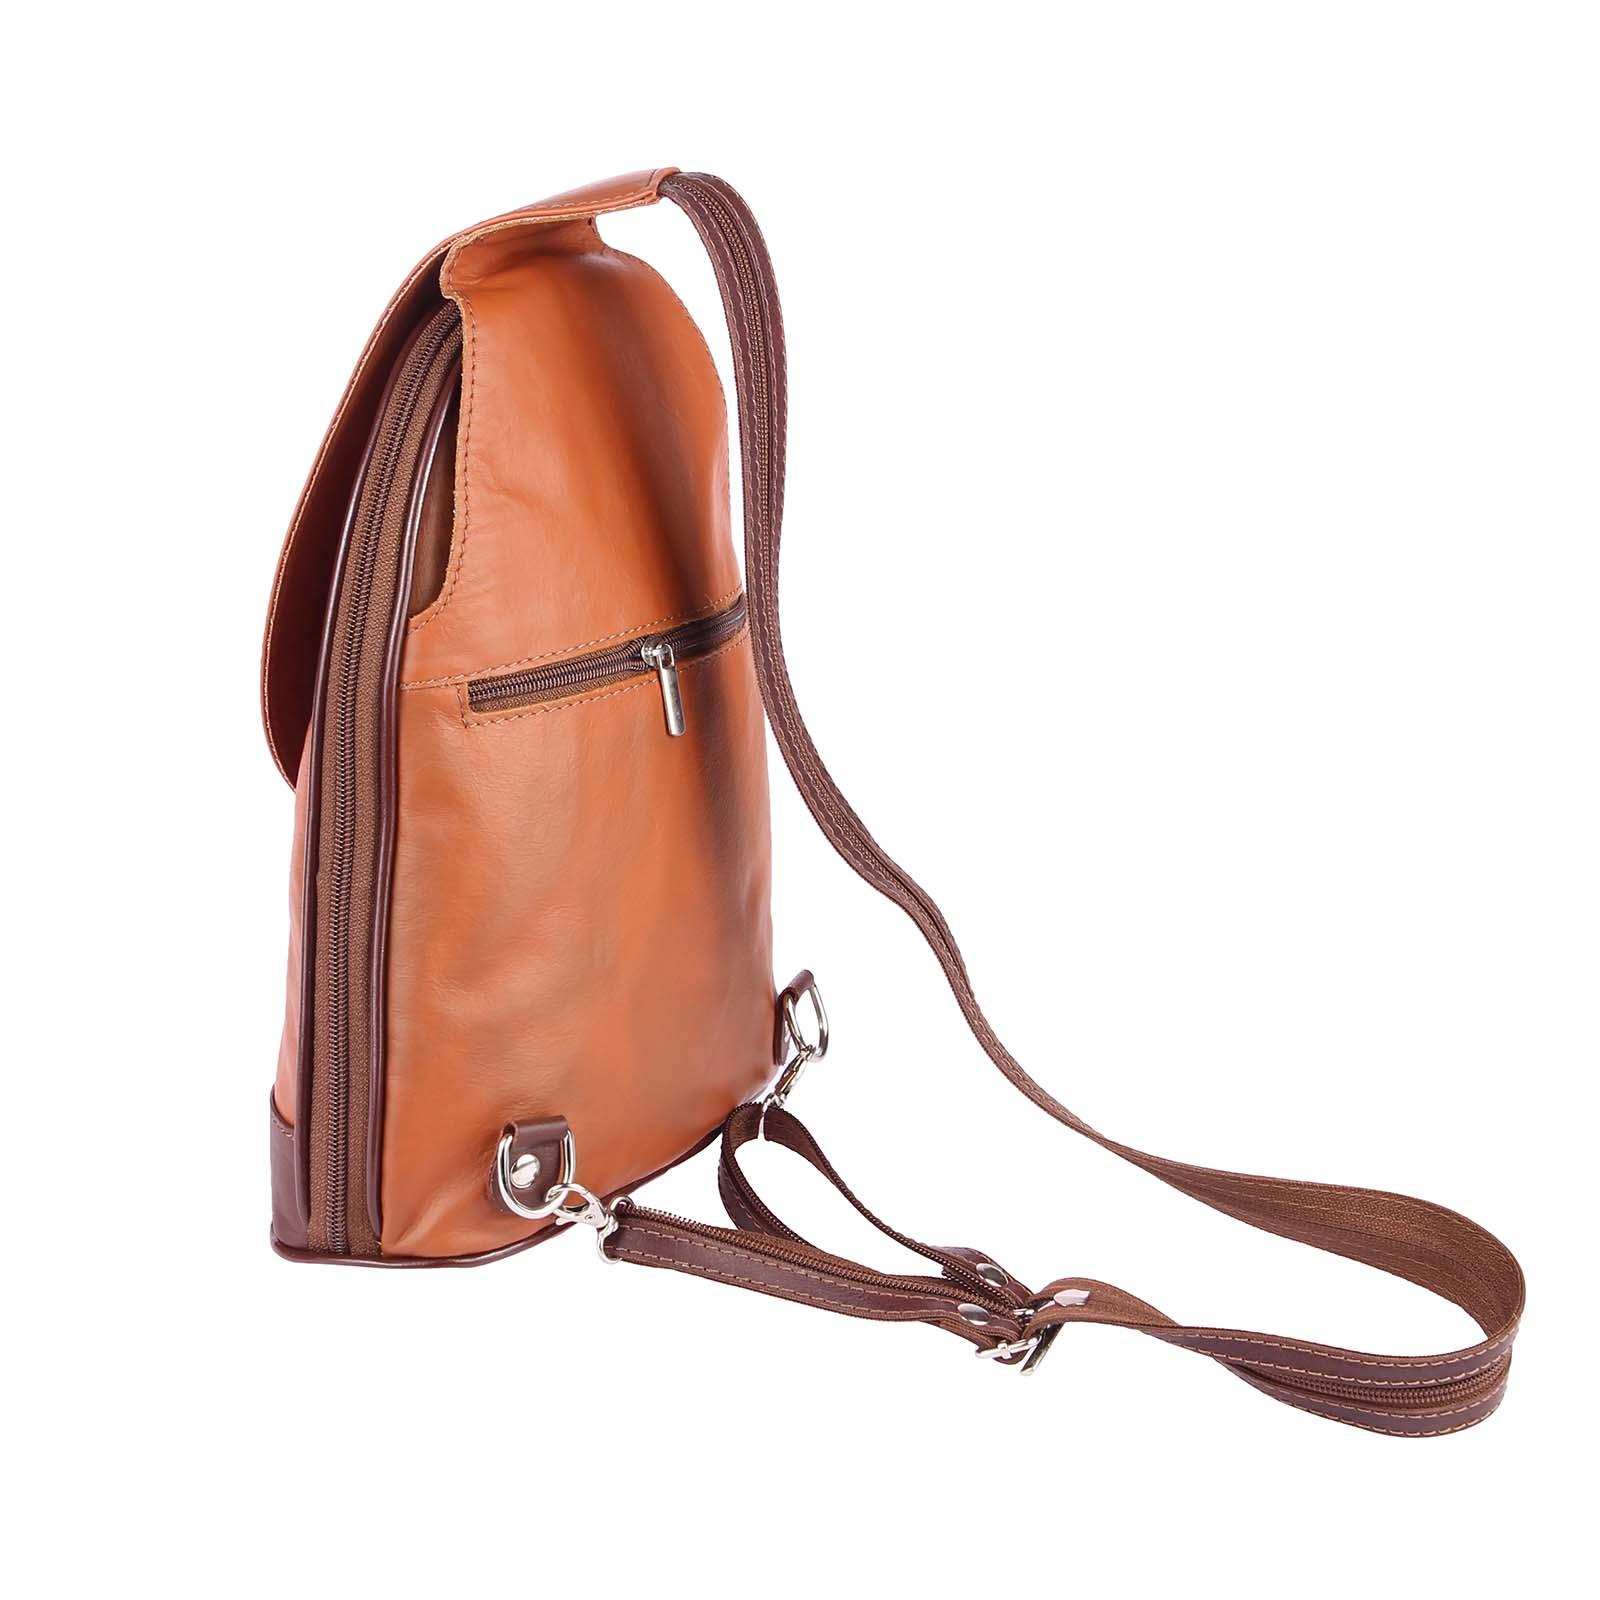 ITALY-DAMEN-LEDER-RUCKSACK-Schulter-Tasche-Reise-BACKPACK-Lederrucksack-it-BAG Indexbild 30